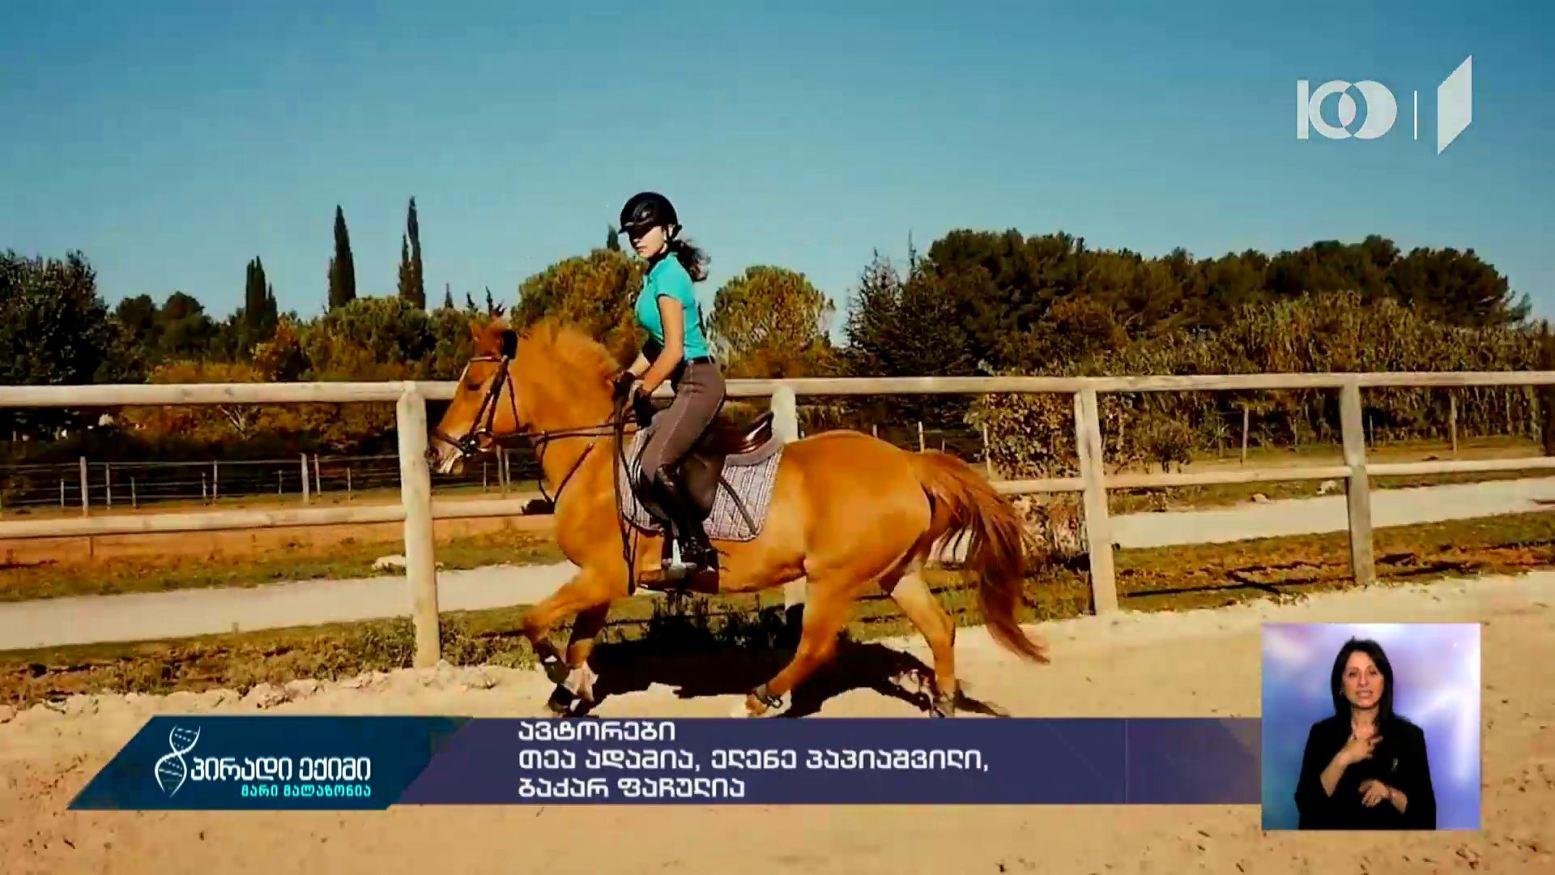 #პირადიექიმი ცხენით ჯირითი - რეკომენდაციები